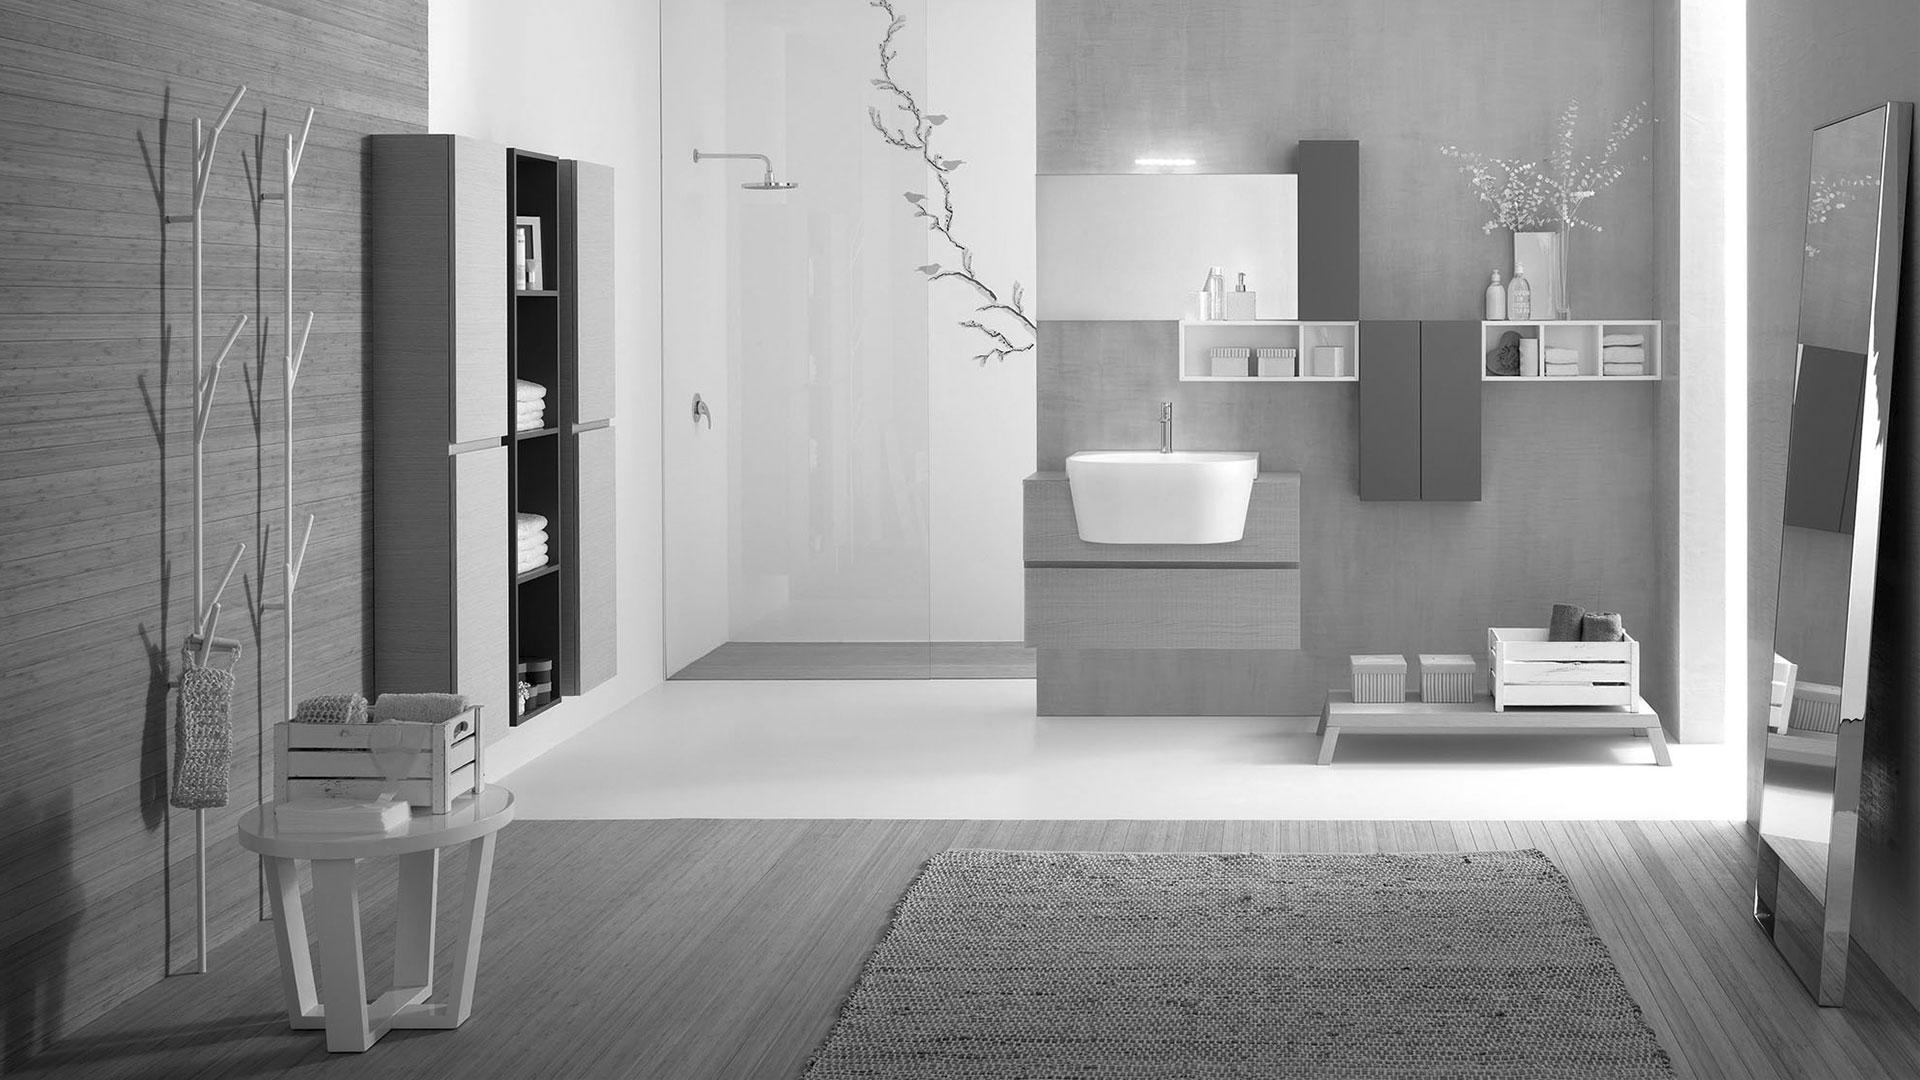 Arredo bagno design centocelle roma for Aziende arredo bagno design